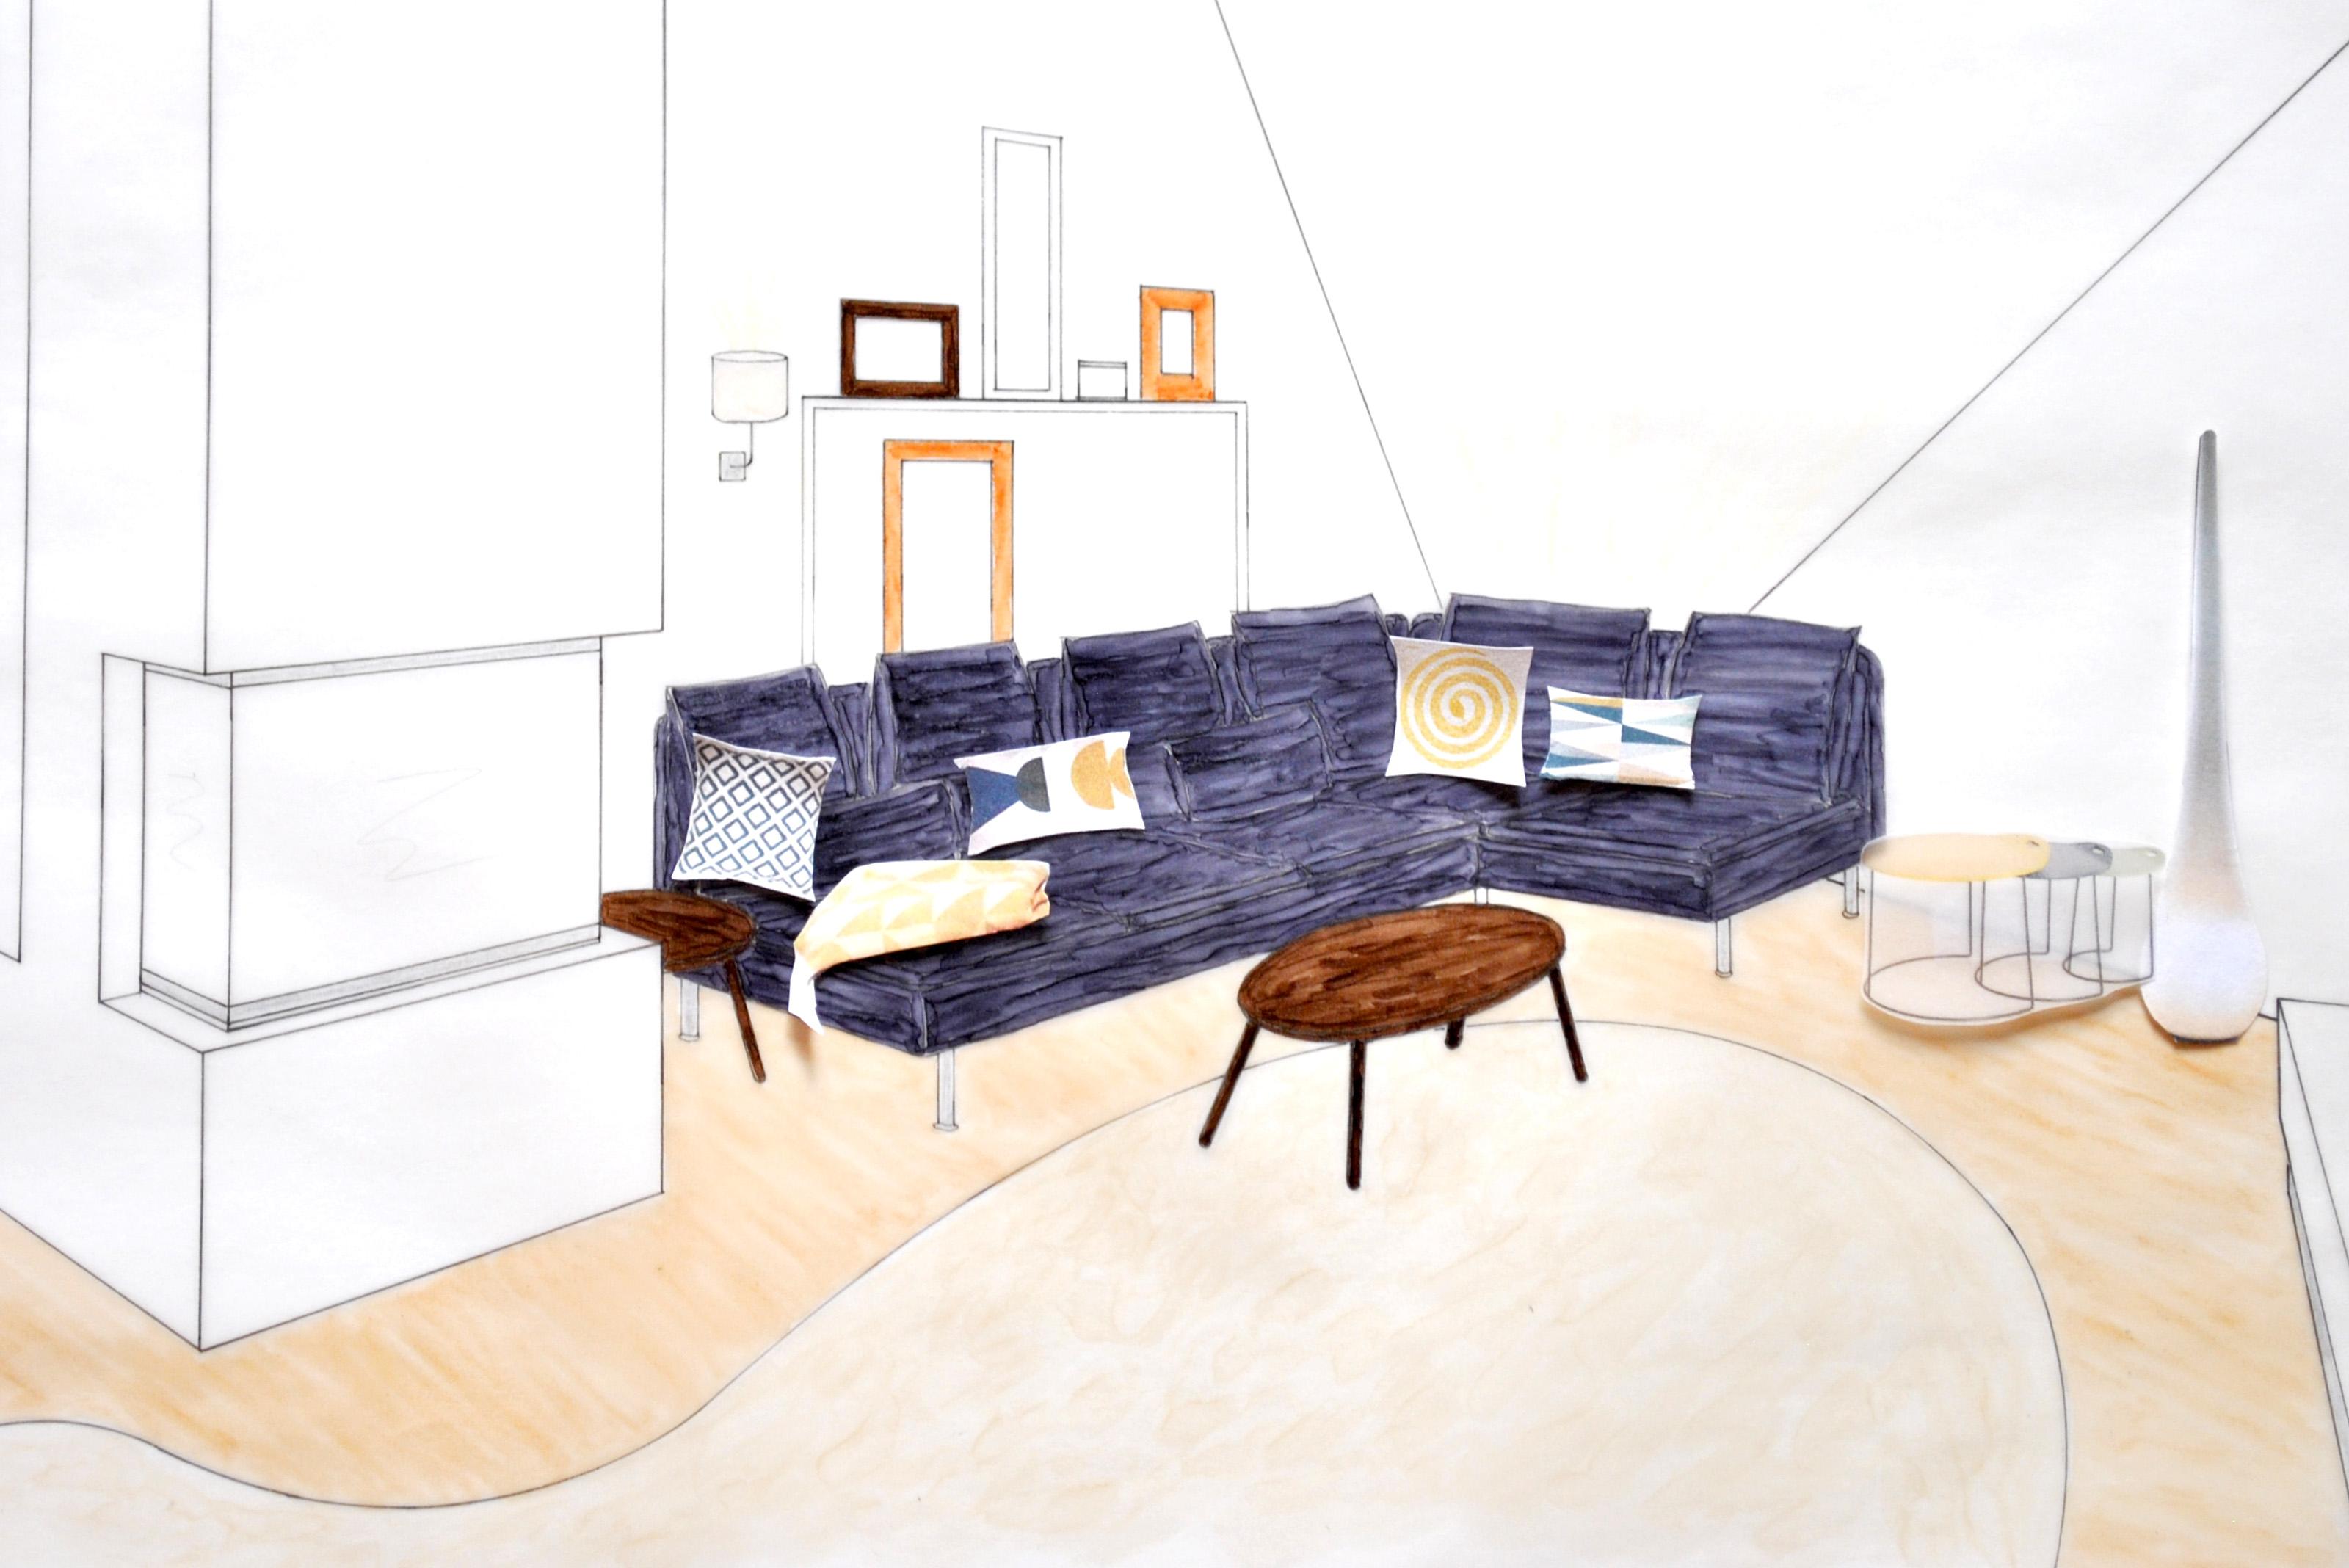 selbstst ndig mit familie archives der blog f r gr nder. Black Bedroom Furniture Sets. Home Design Ideas